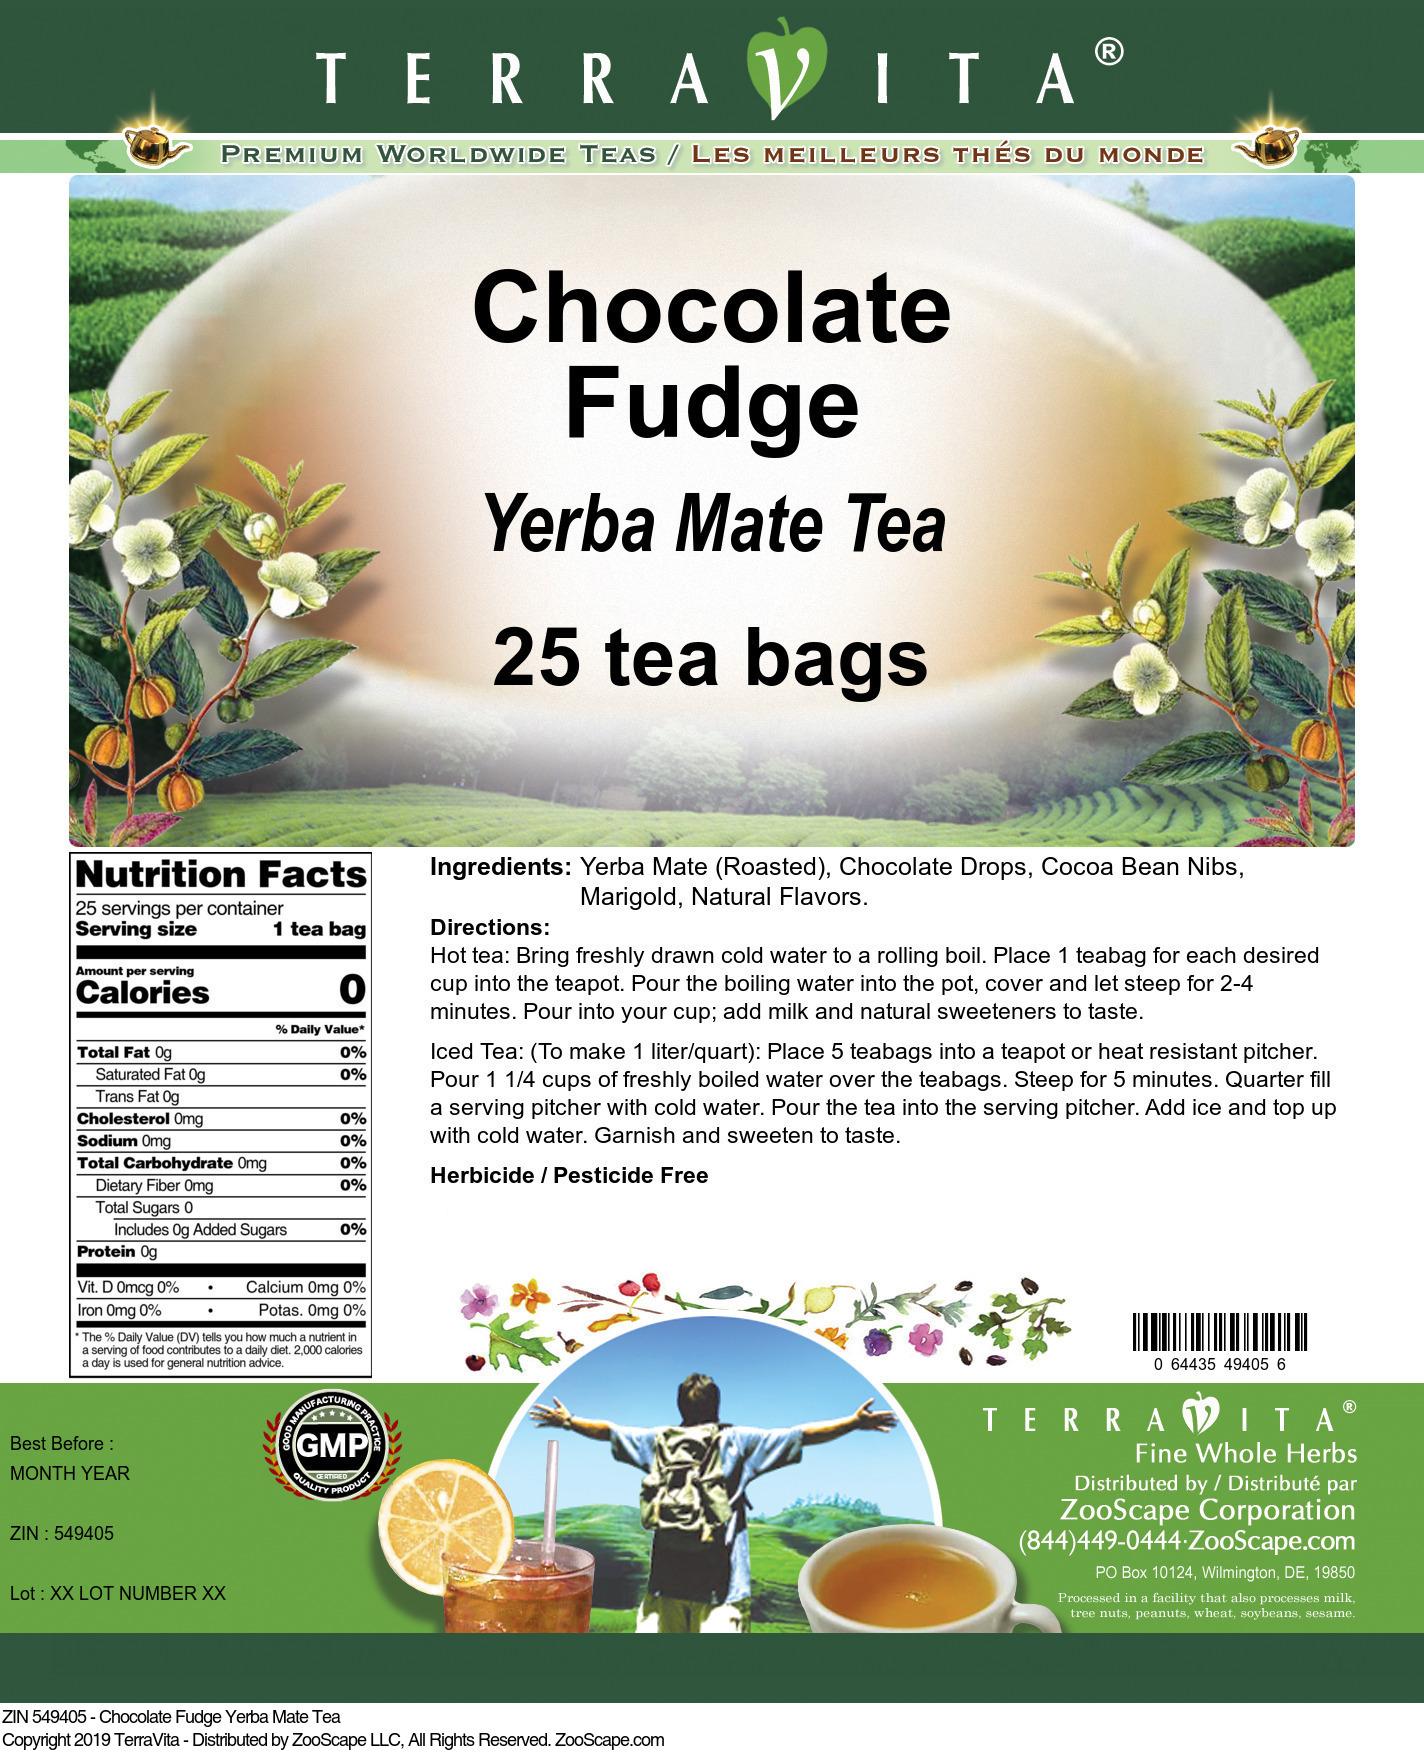 Chocolate Fudge Yerba Mate